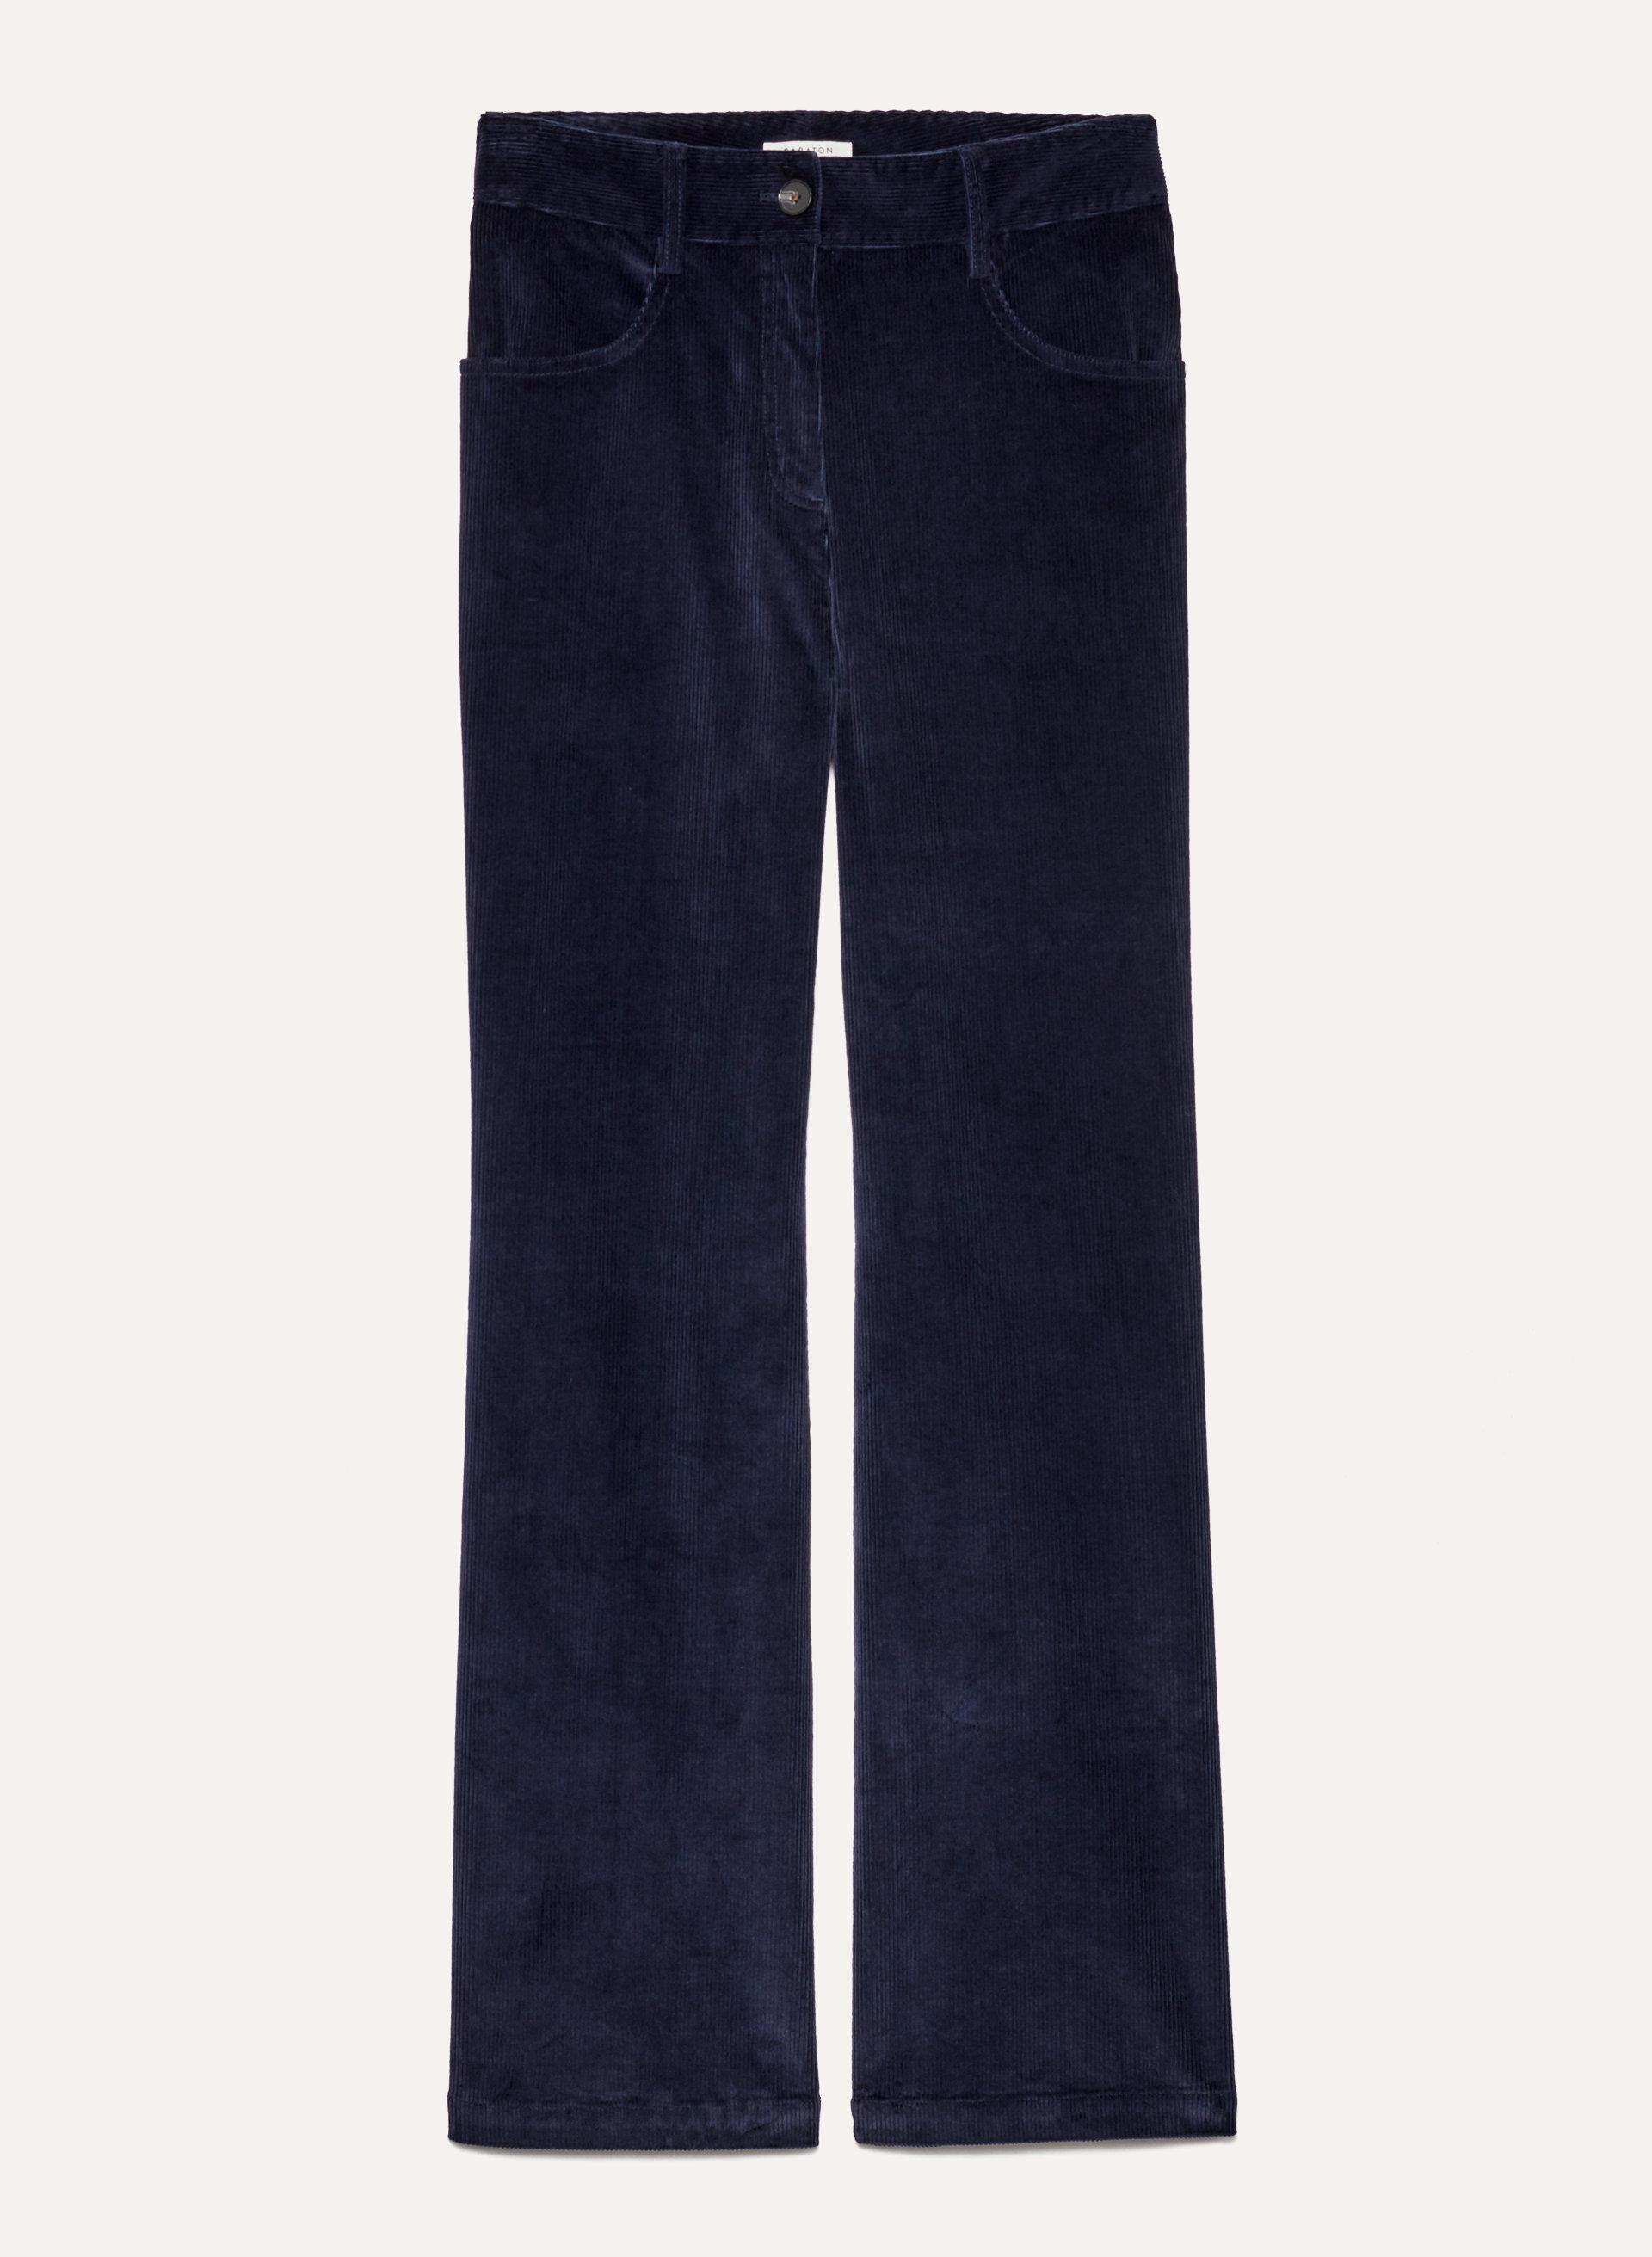 6e94a55057 joey pant High-waisted flared corduroy pant